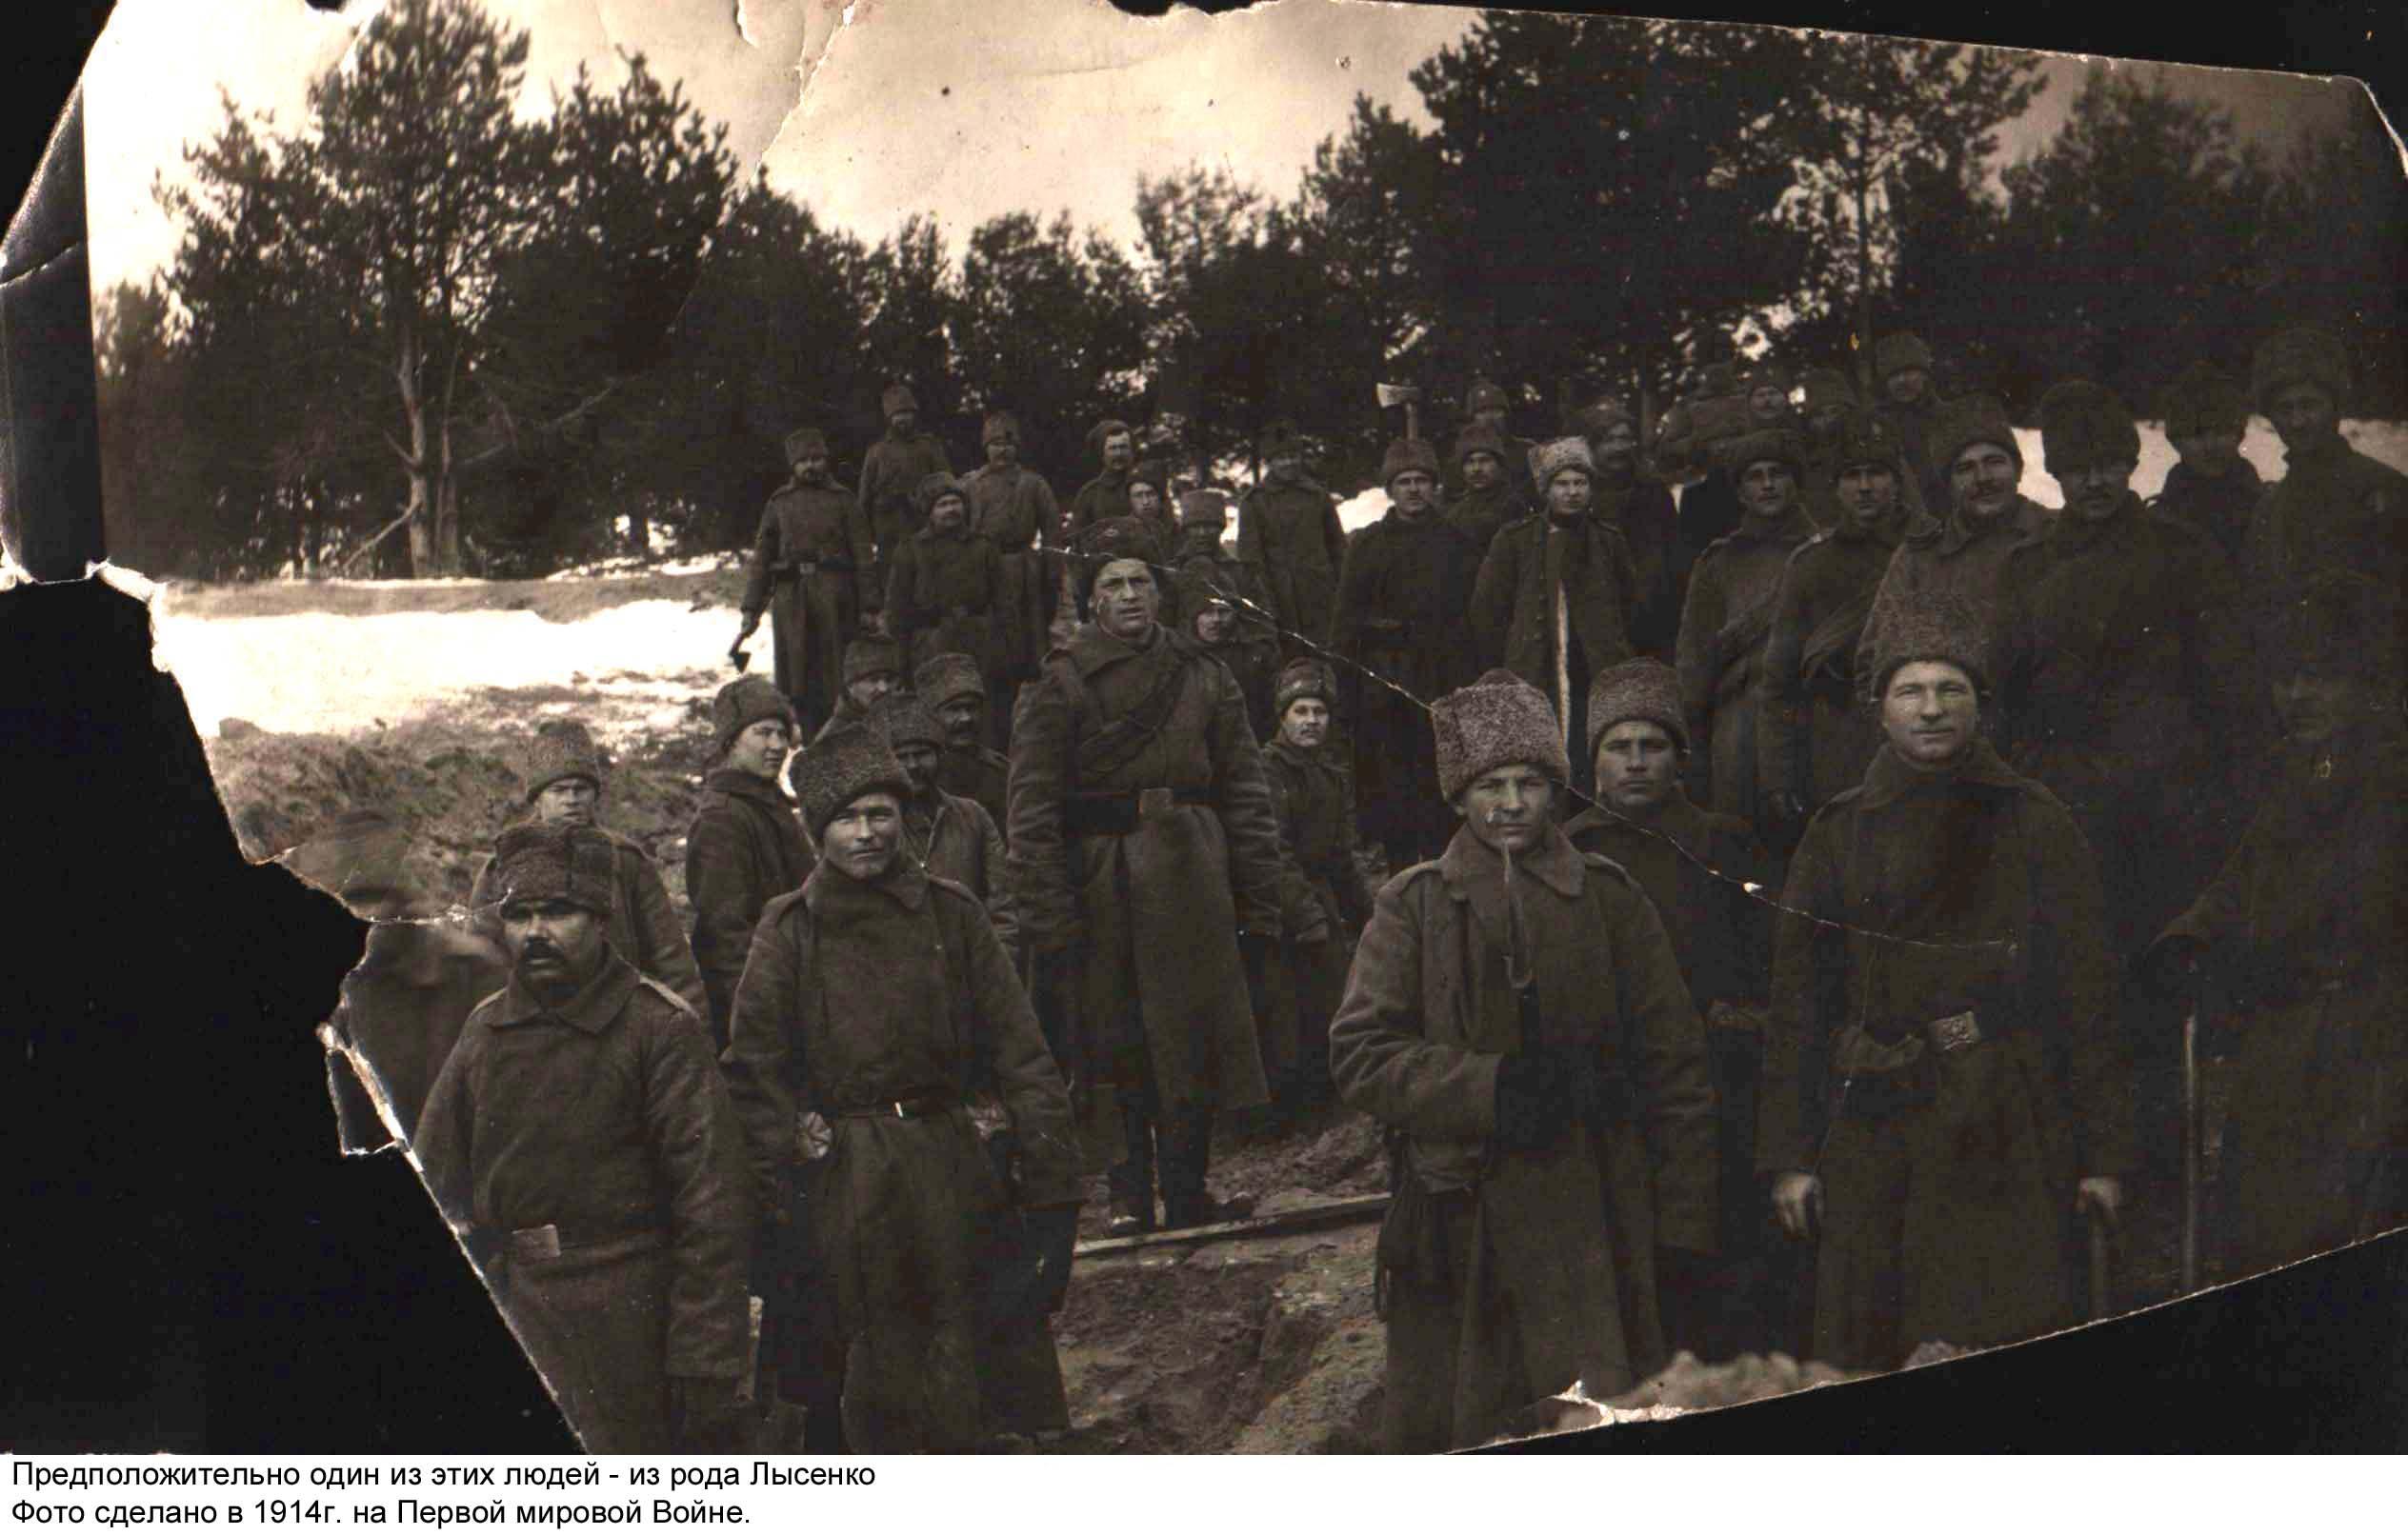 Первая Мировая война. 1914 г. Один из этих людей — Лысенко